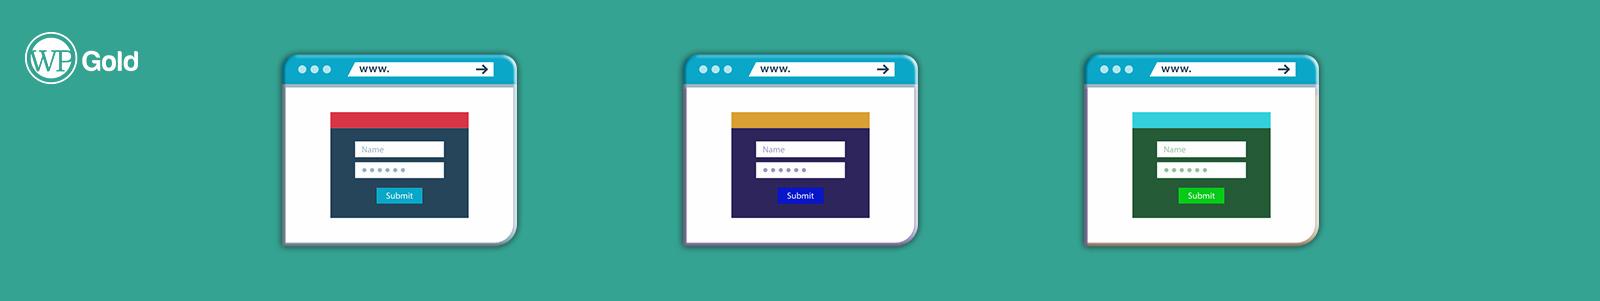 Как сделать форму регистрации на ВордПресс